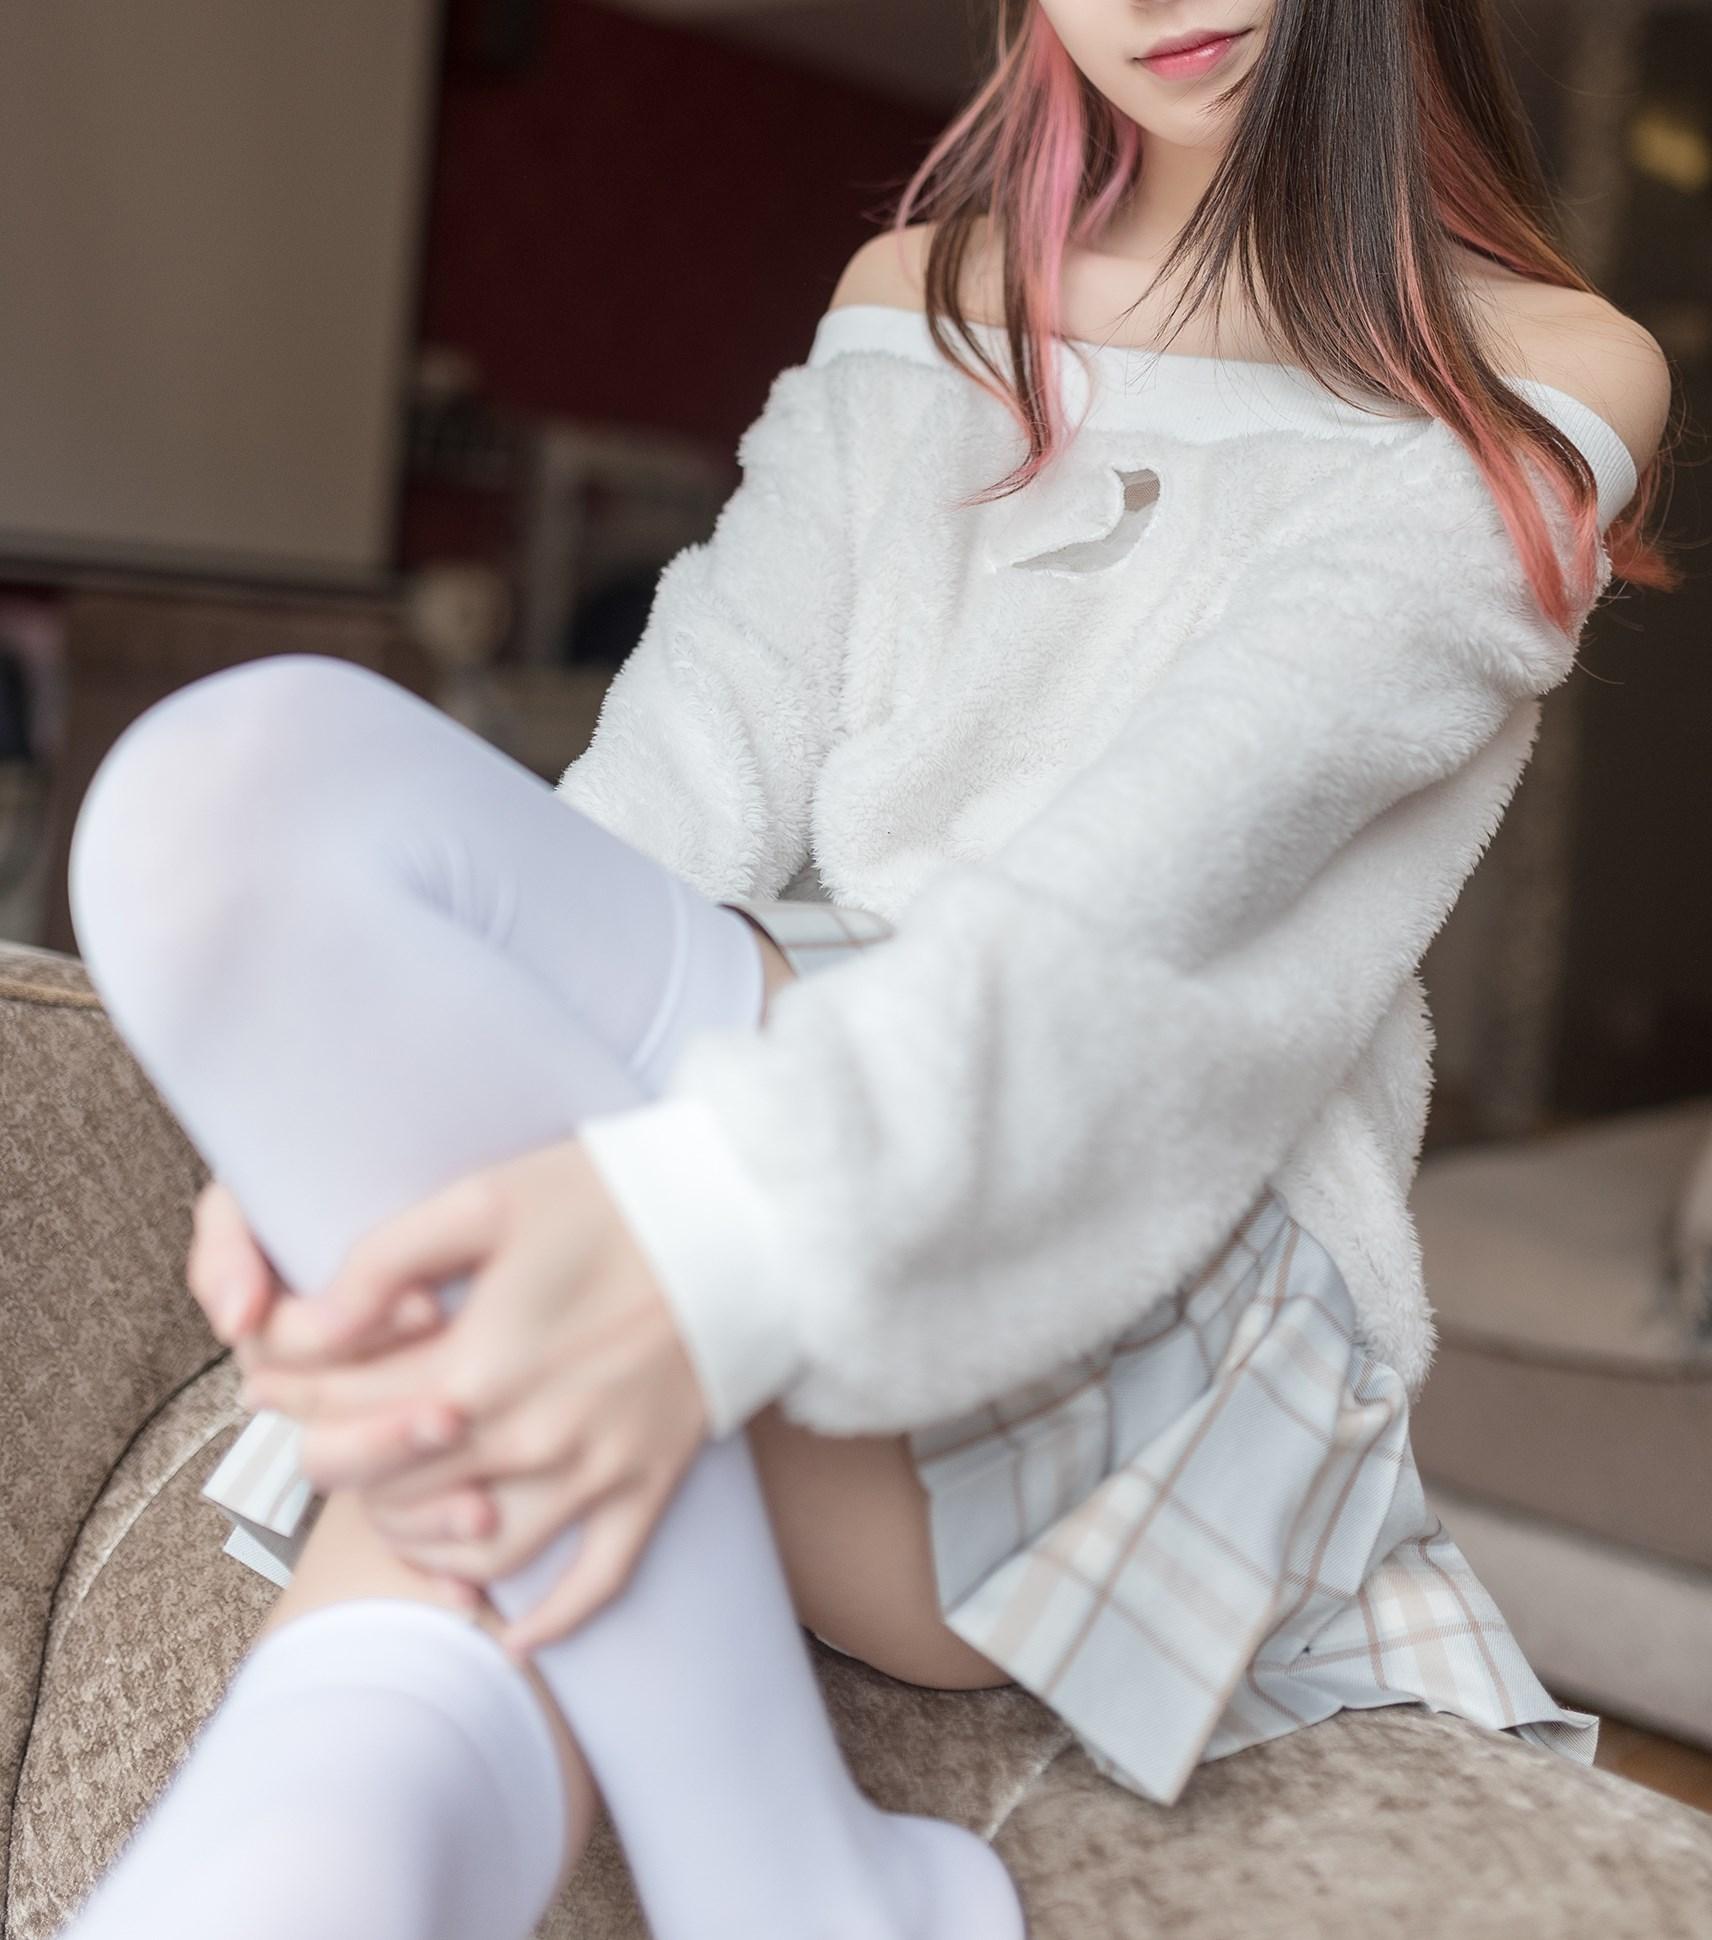 【兔玩映画】露肩少女 兔玩映画 第21张